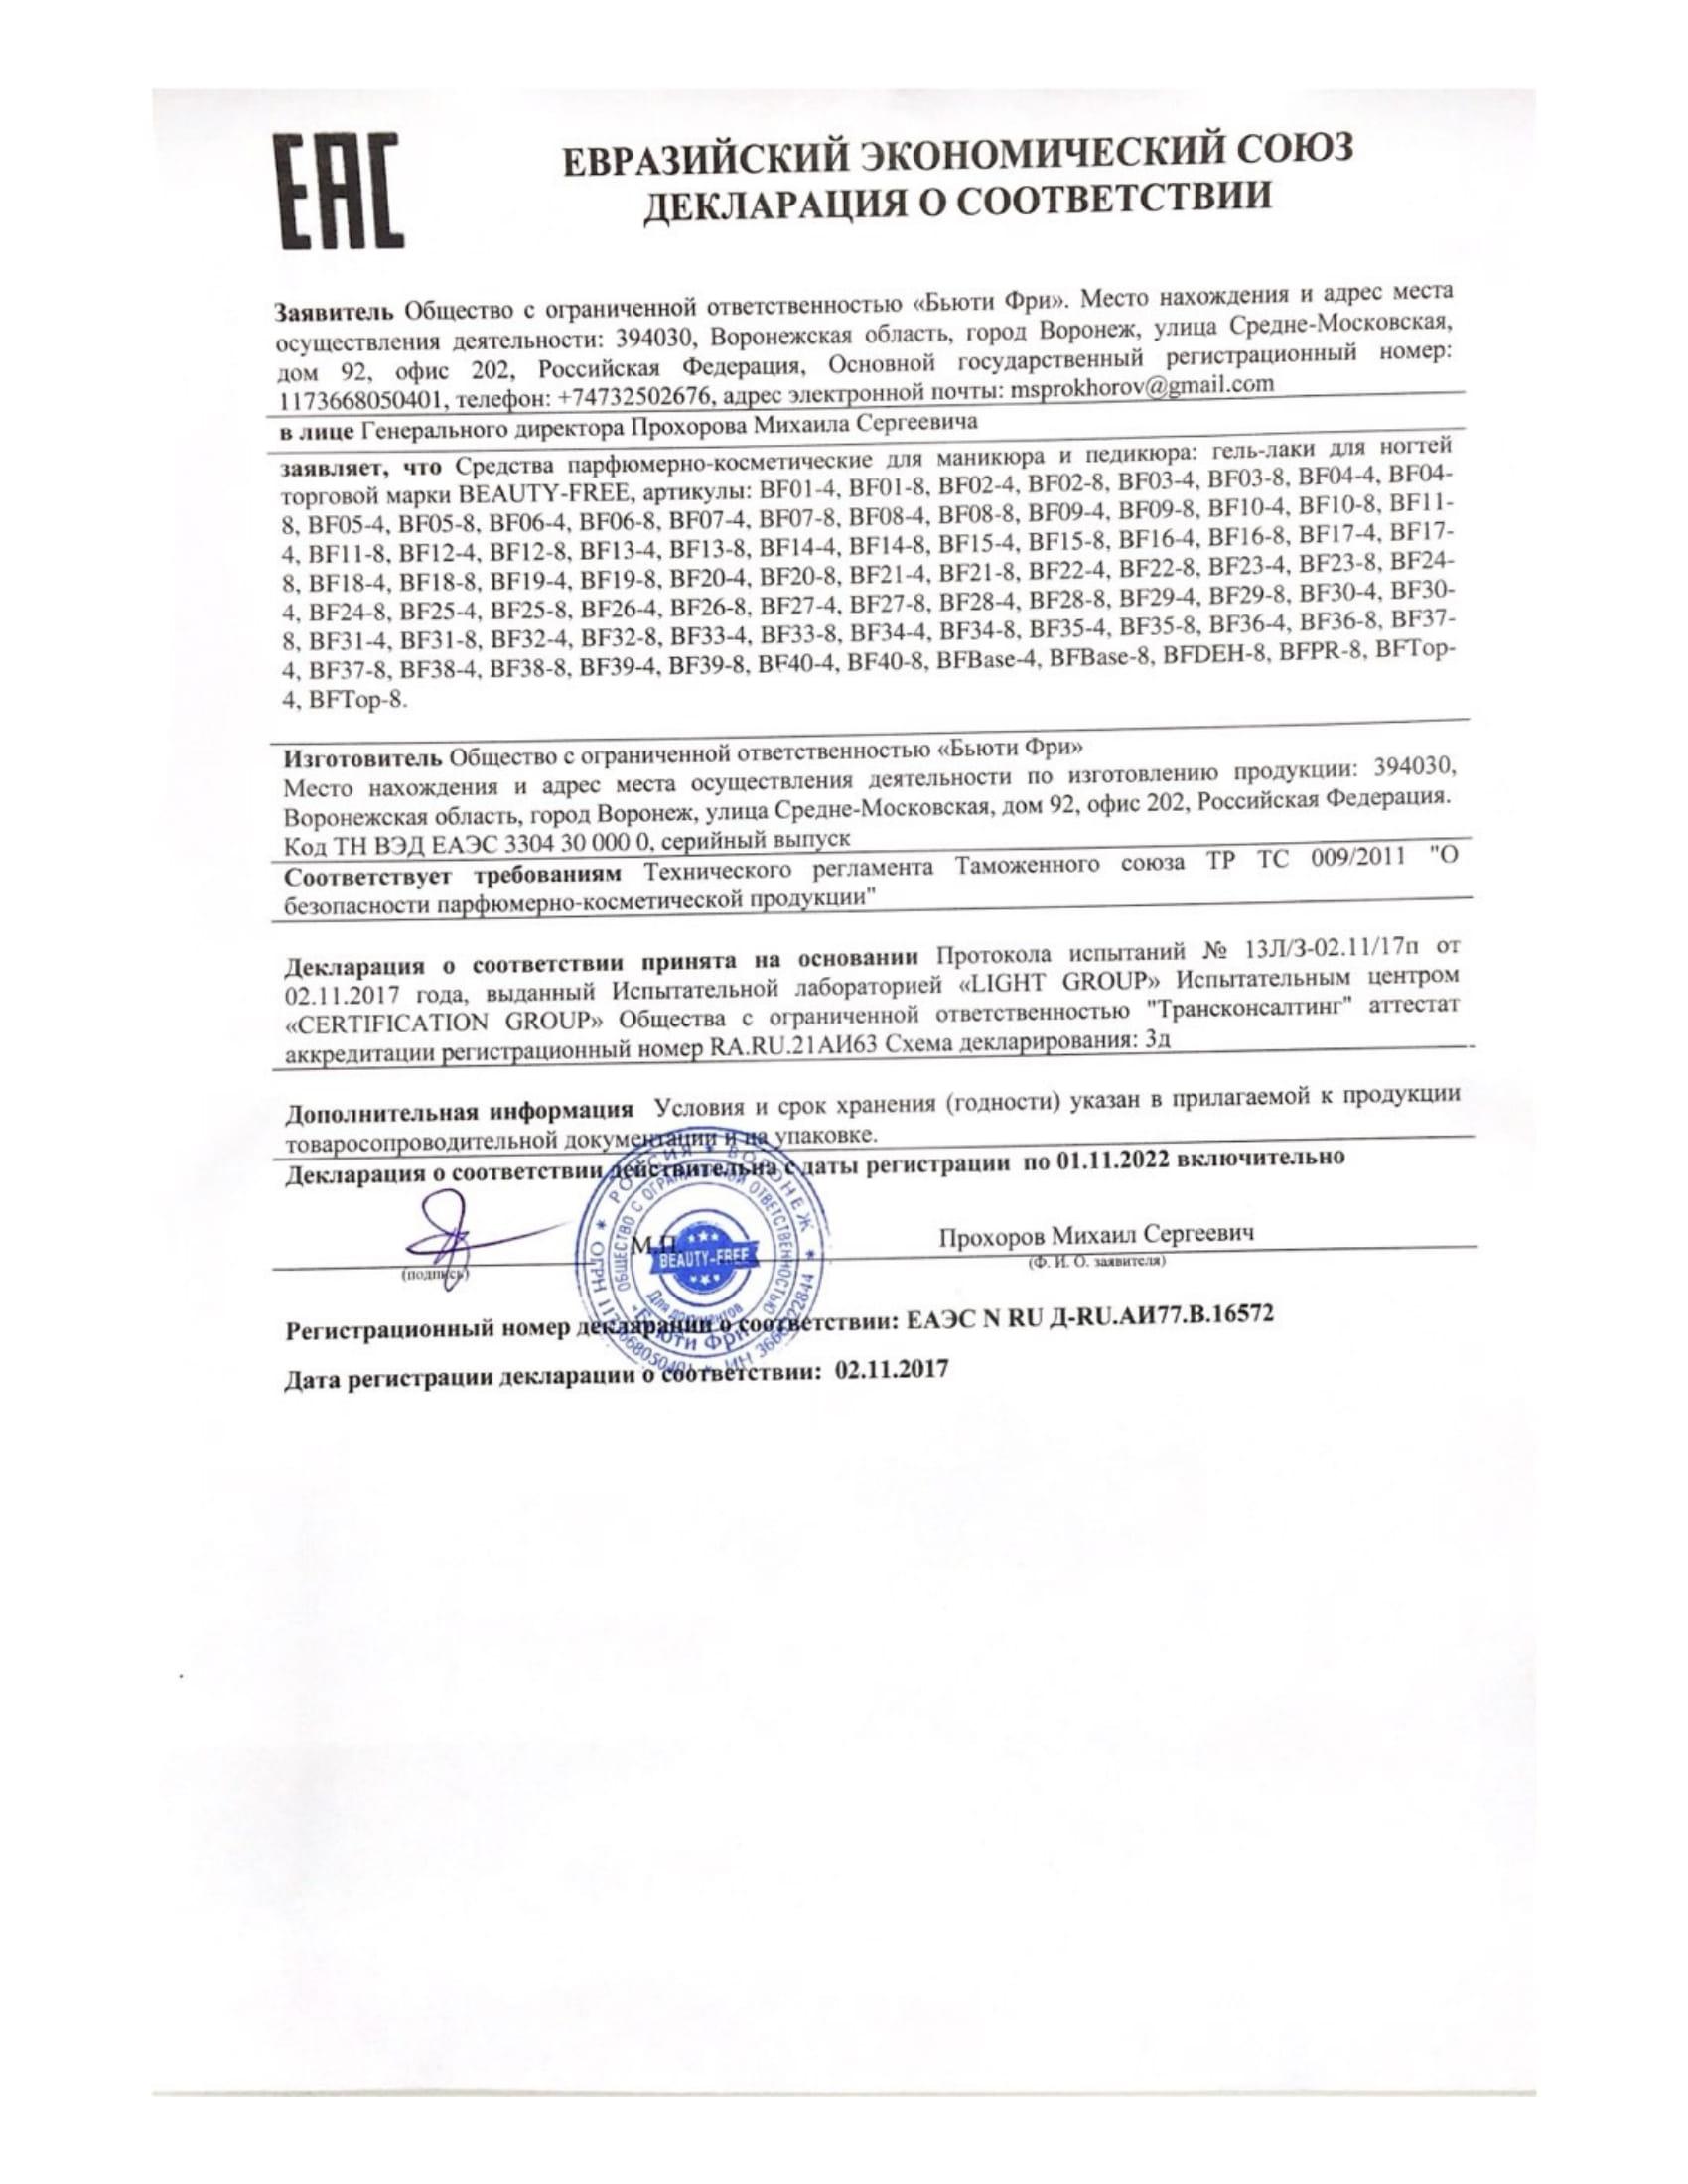 ЕАЭС N RU Д-RU.АИ77.В.16572-1